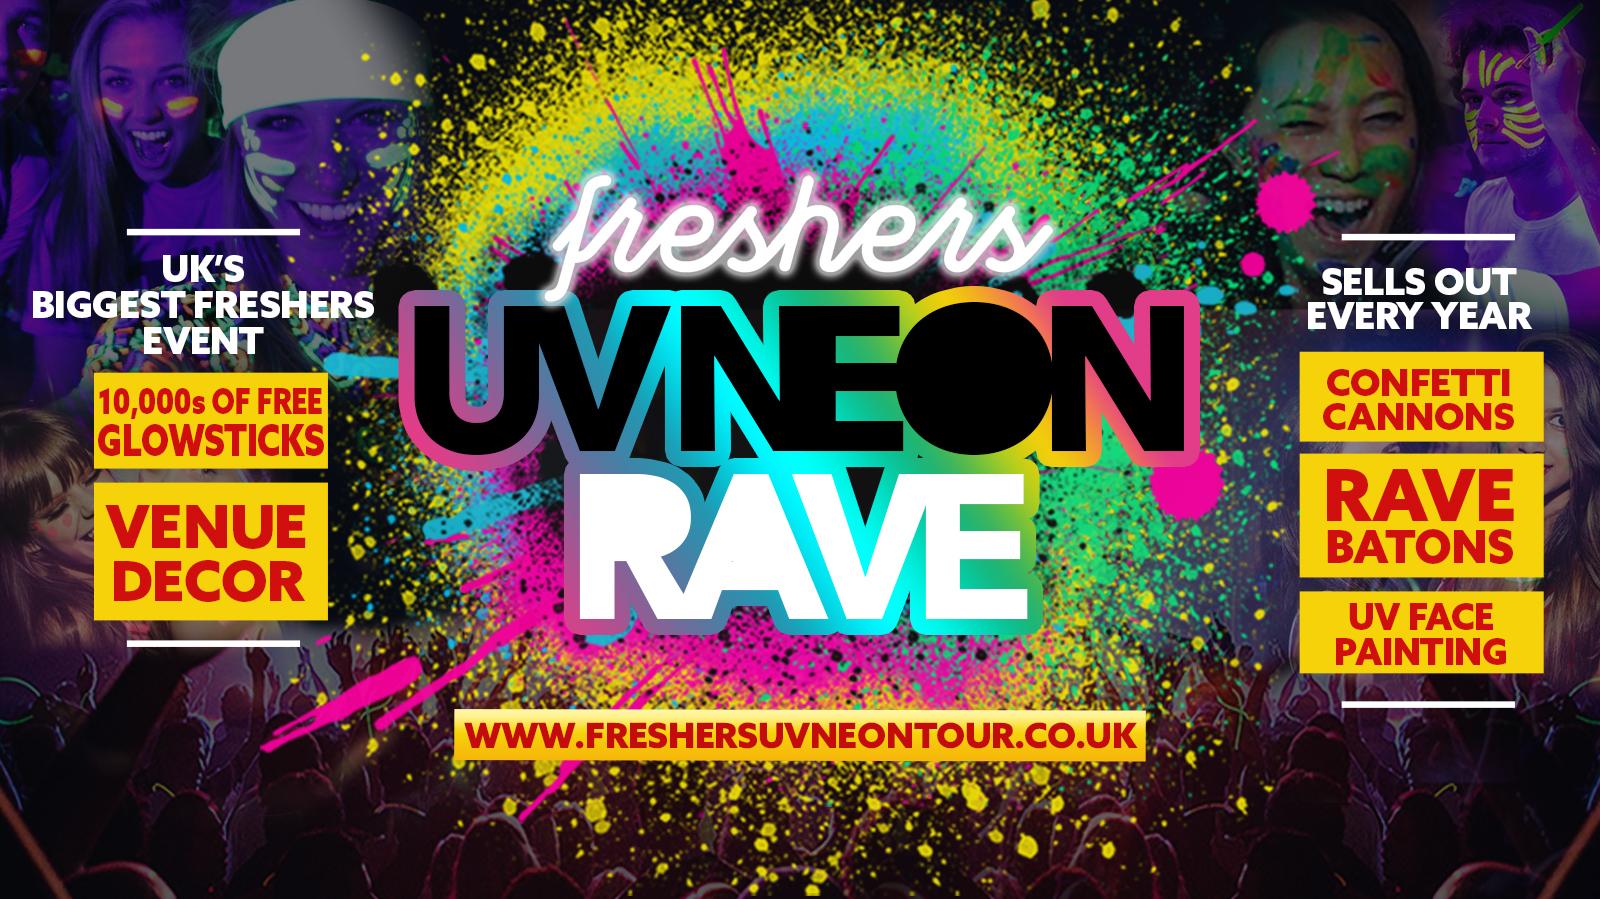 Leeds Freshers UV Neon Rave Week 1 | Leeds Freshers 2021